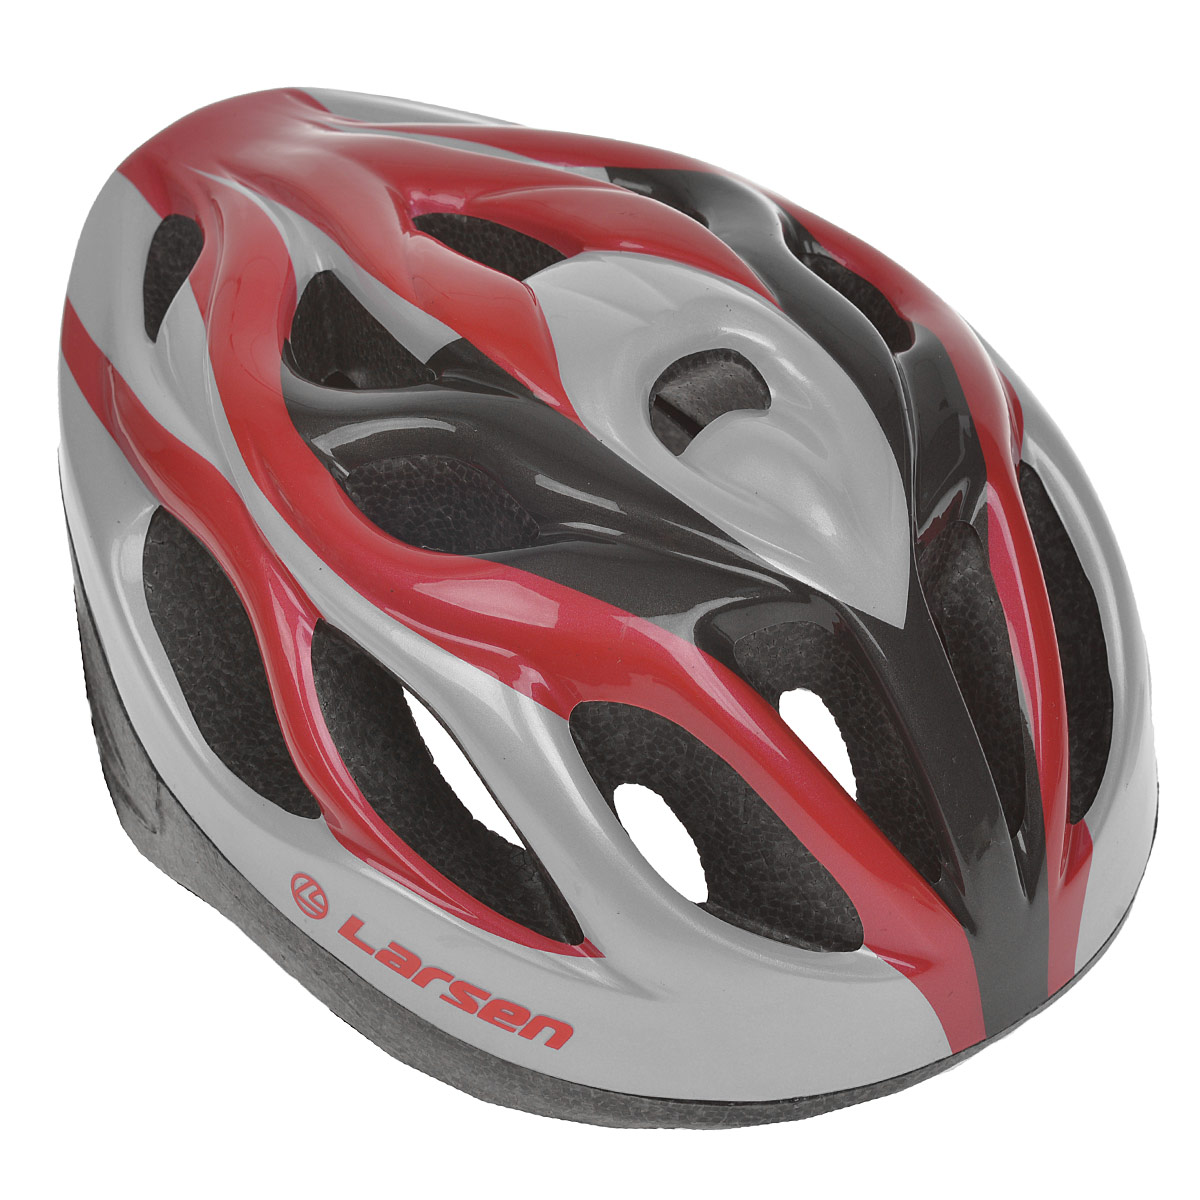 Шлем роликовый Larsen H3BW, цвет: красный, серебристый. Размер L (54-57 см)